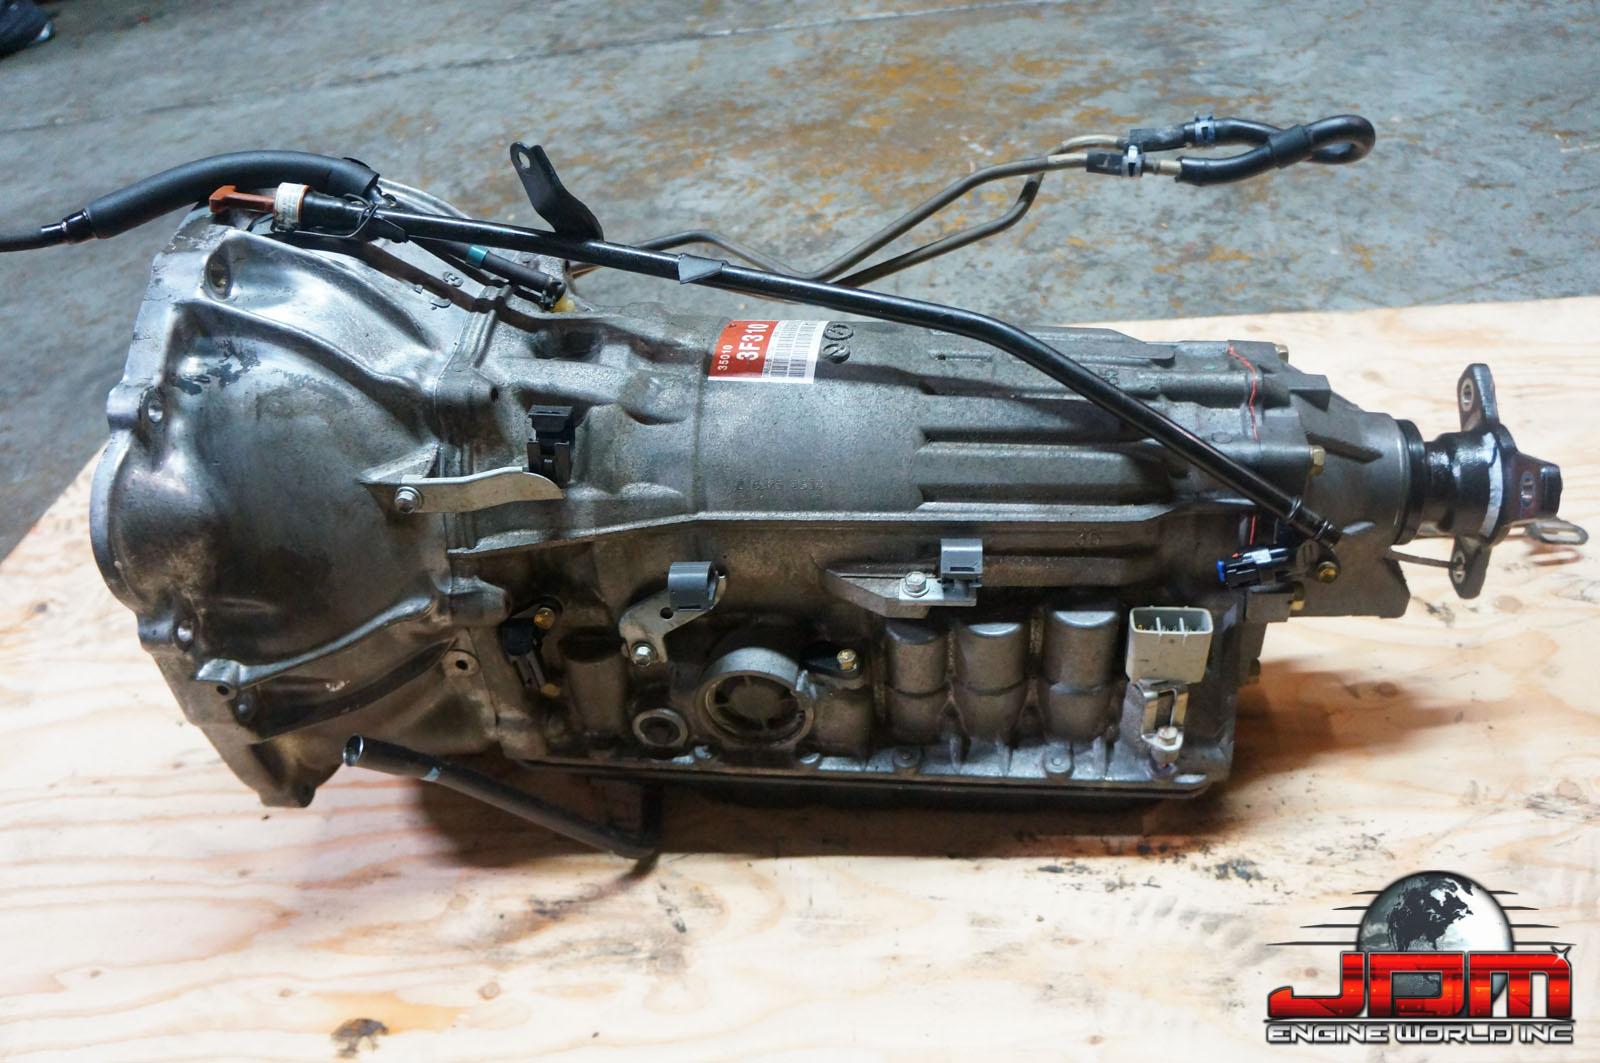 JDM 2JZ-GTE VVTi AUTOMATIC TRANSMISSION